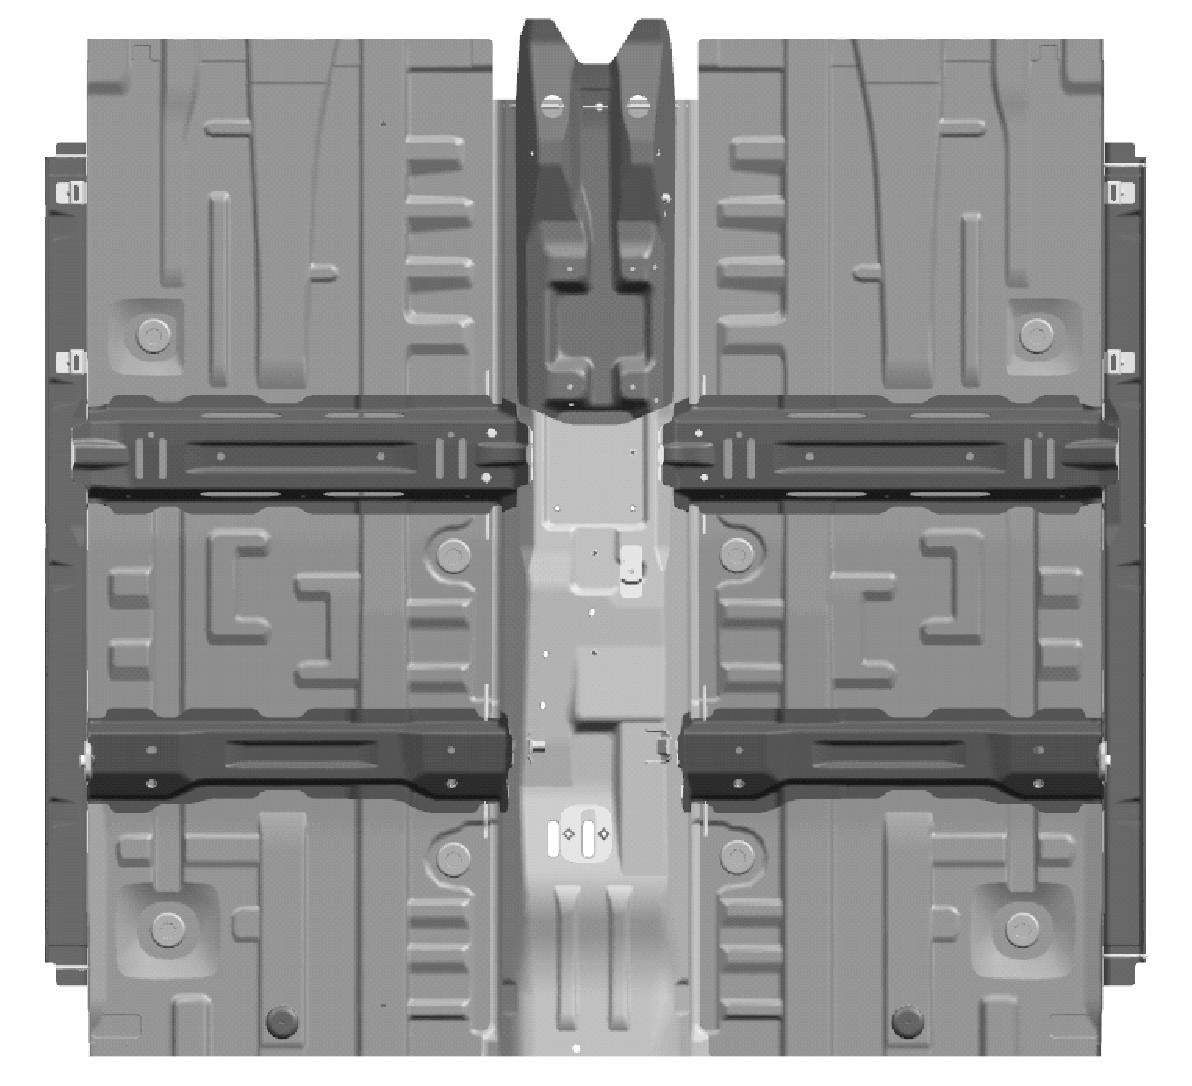 图2 前地板布局形式